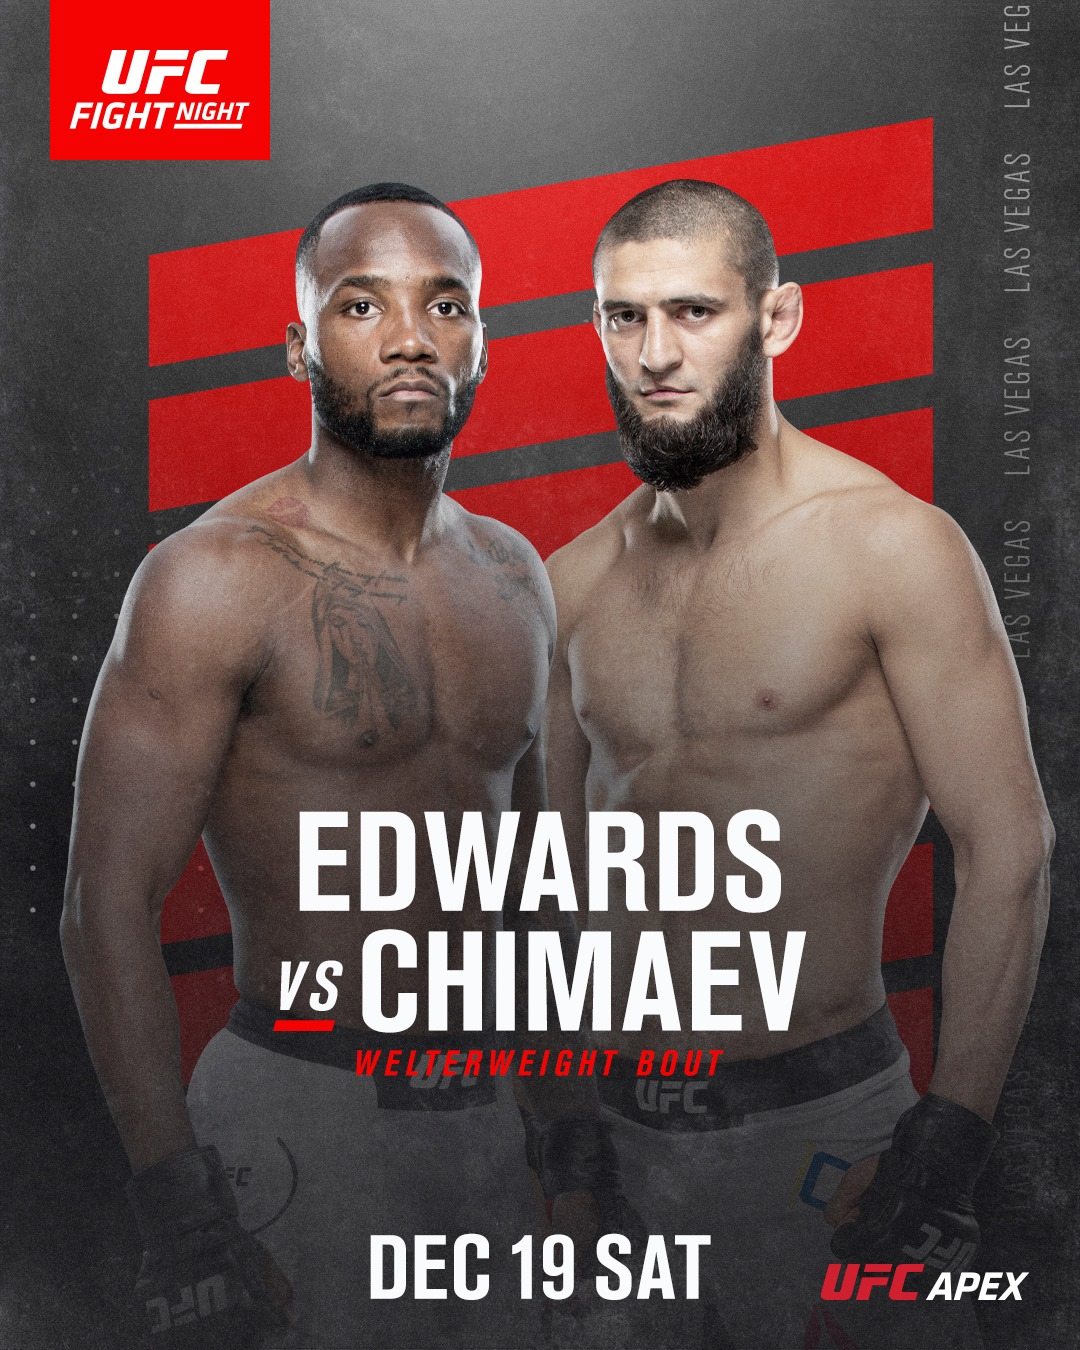 Edwards vs Chimaev